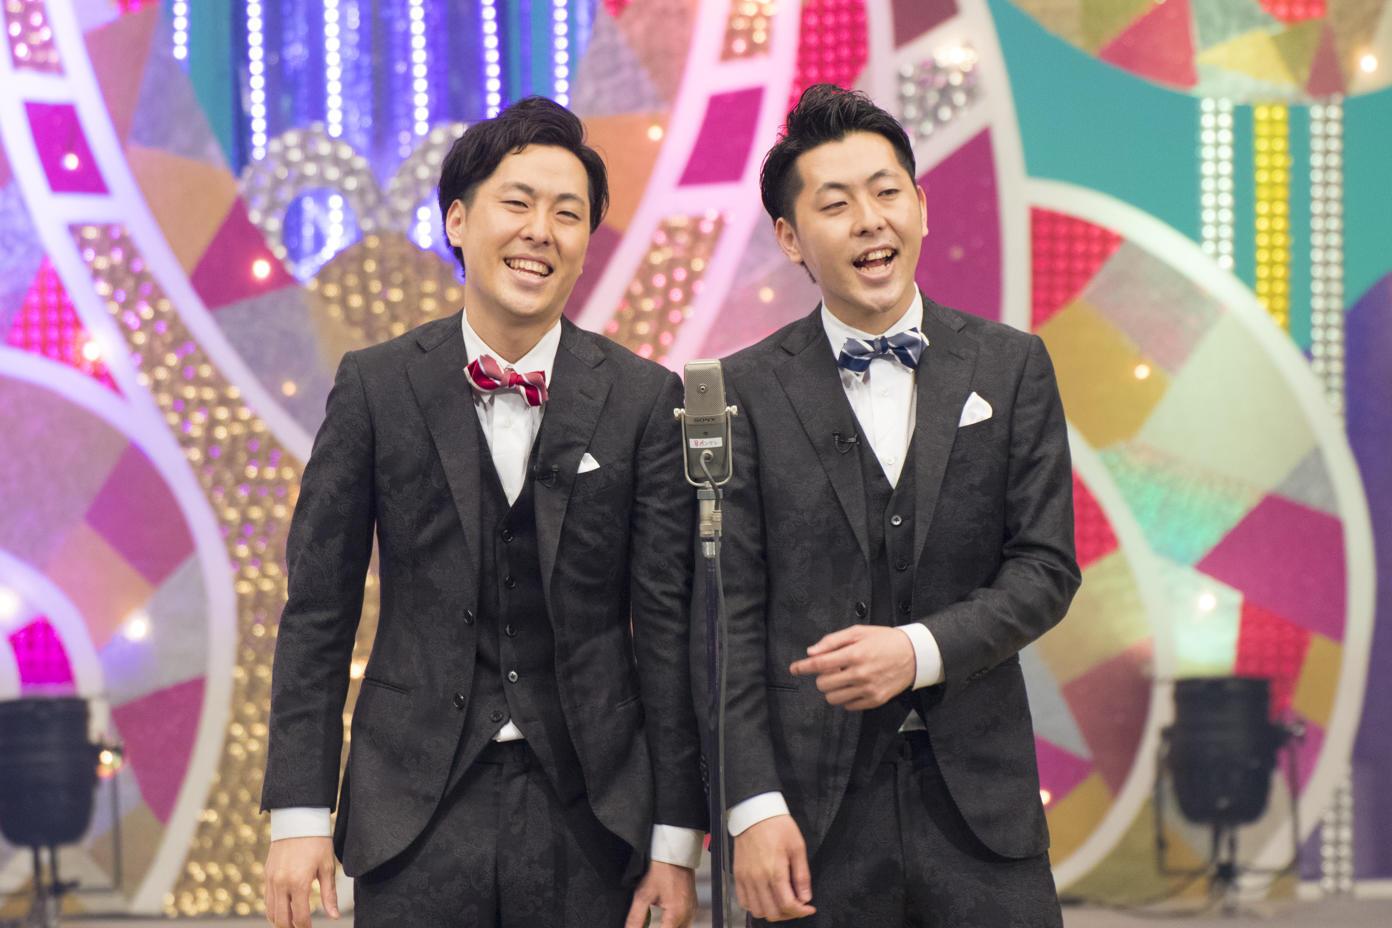 http://news.yoshimoto.co.jp/20170507223101-9de07a7335ad7f5cb0231a2f34ca2cbad87cc5b7.jpg